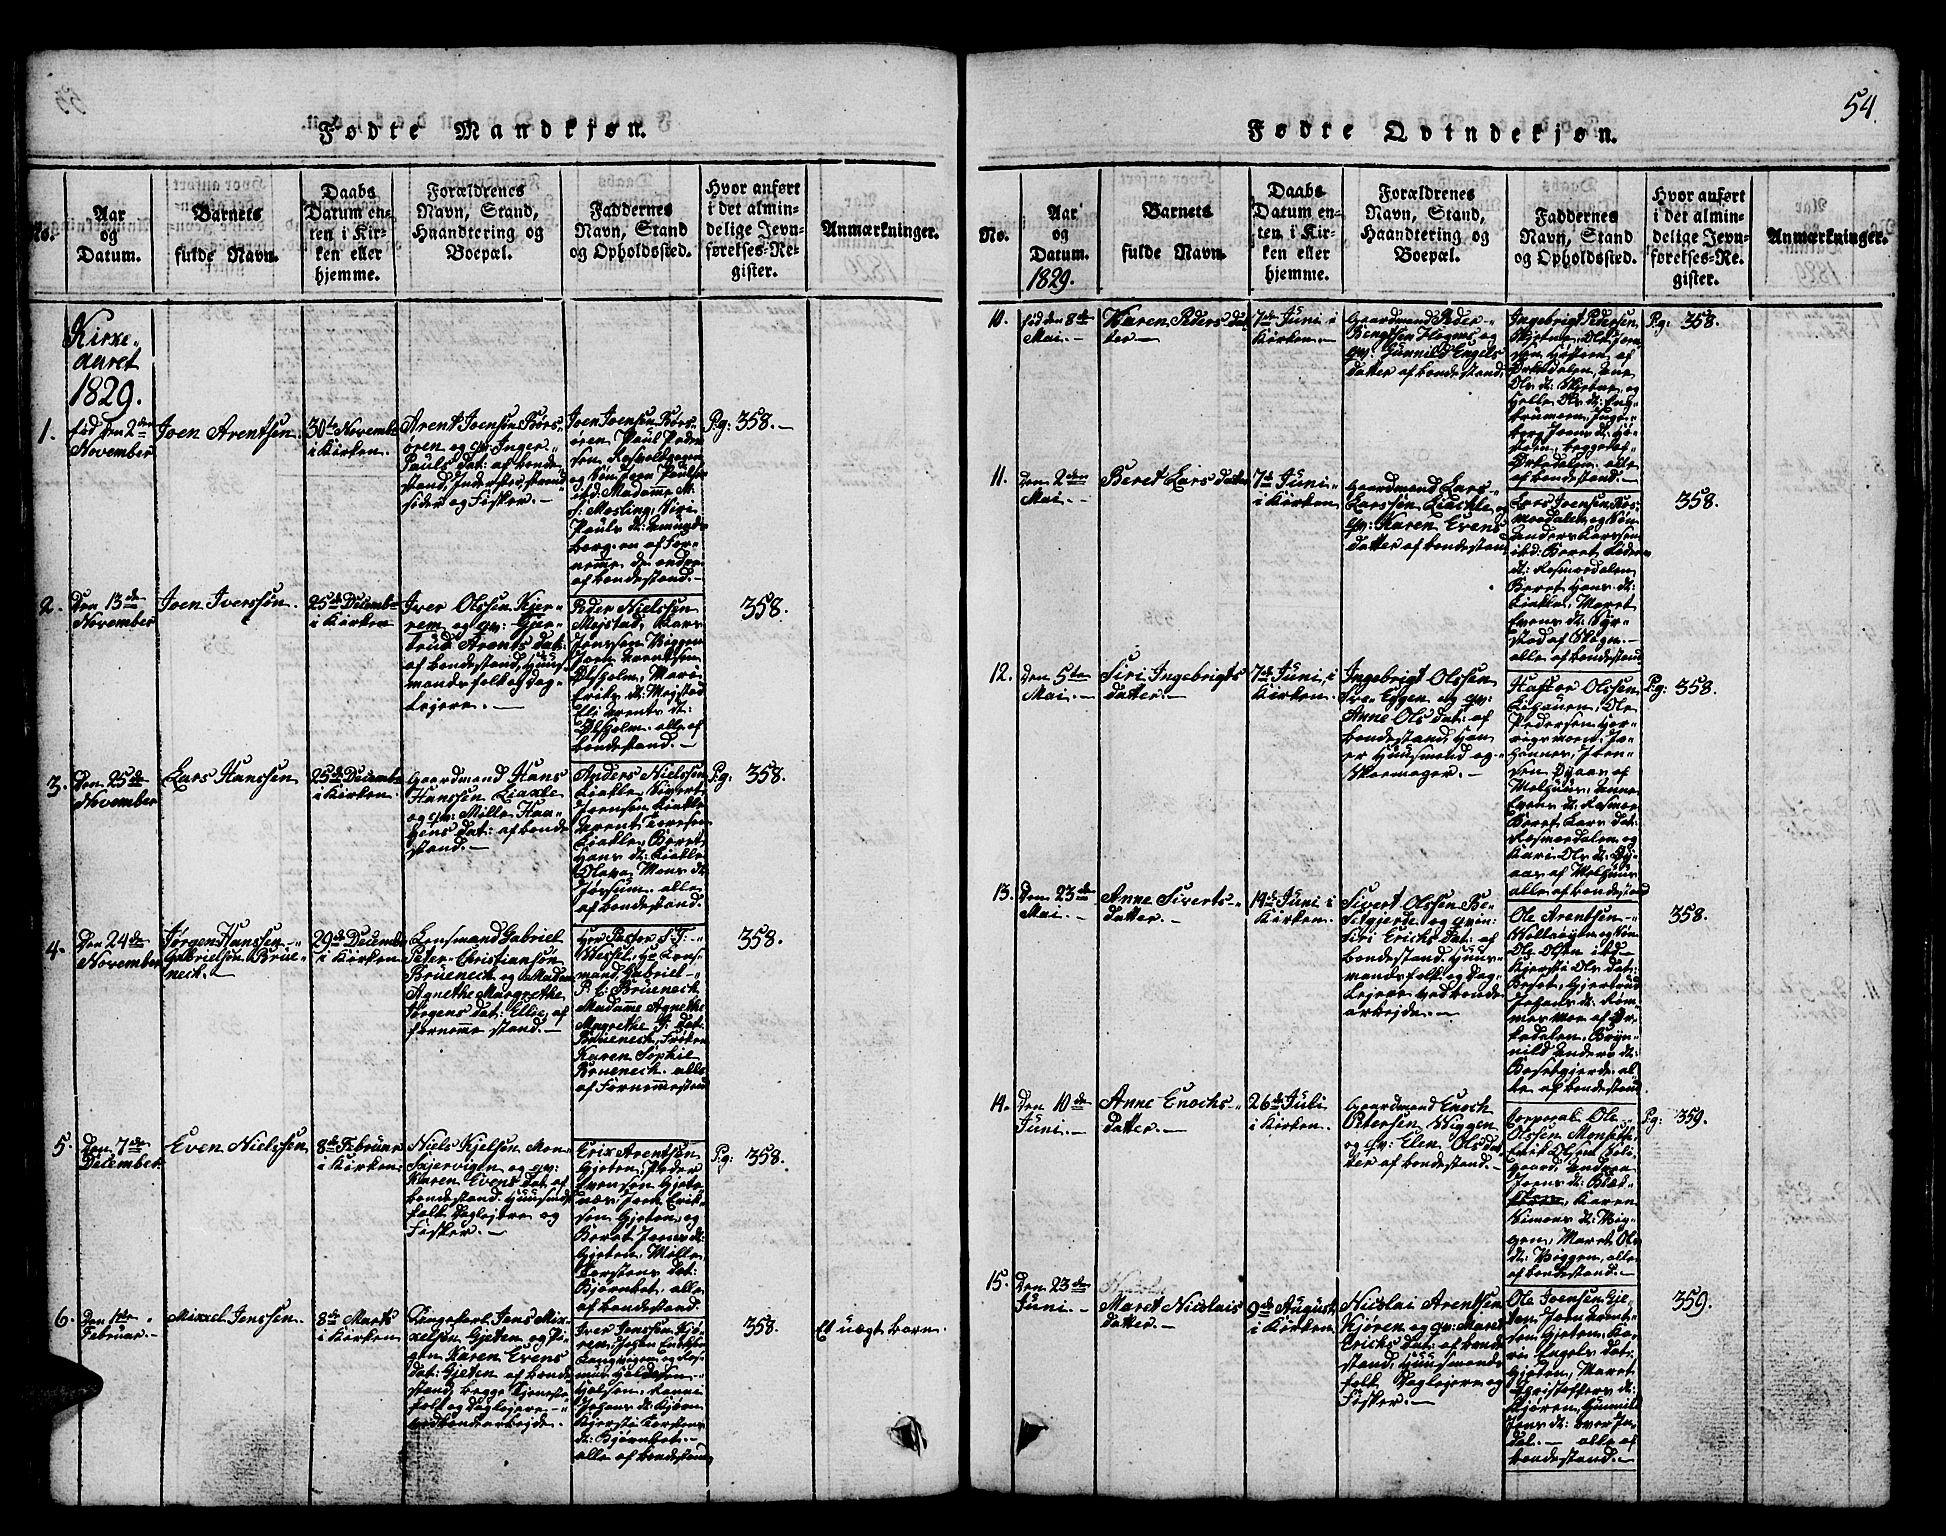 SAT, Ministerialprotokoller, klokkerbøker og fødselsregistre - Sør-Trøndelag, 665/L0776: Klokkerbok nr. 665C01, 1817-1837, s. 54